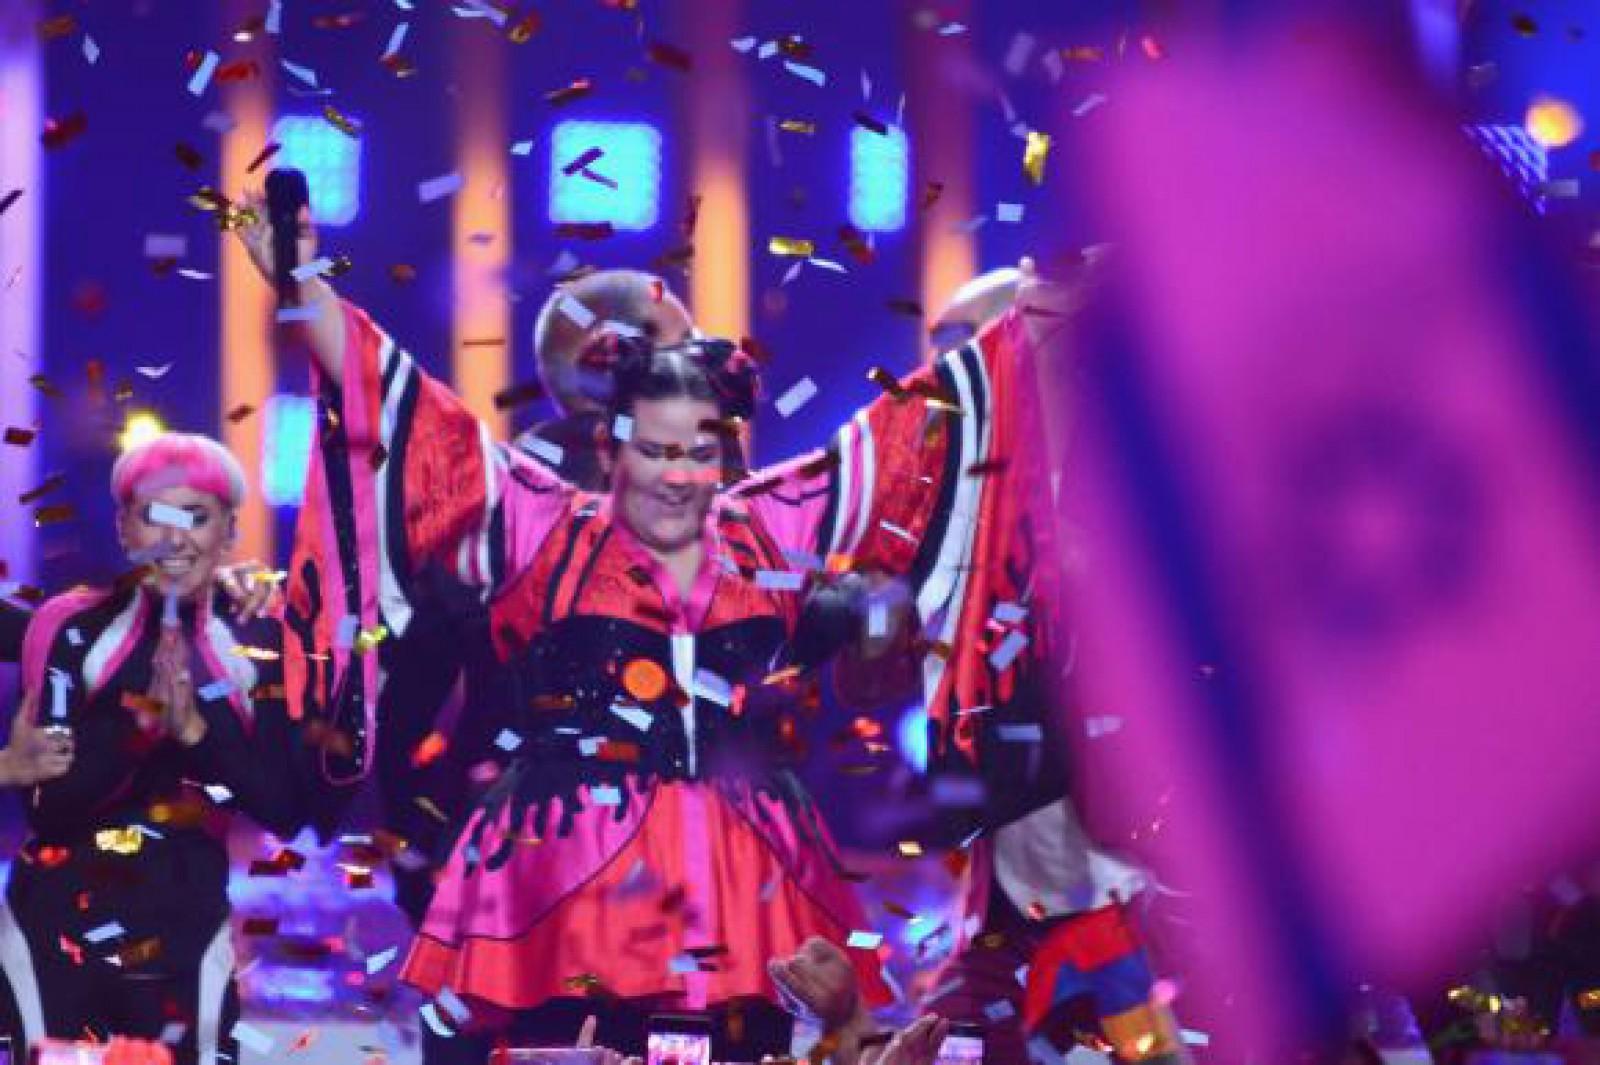 Critici după victoria Israelului la Eurovision 2018. Acuzațiile care i se aduc Nettei Barzilai